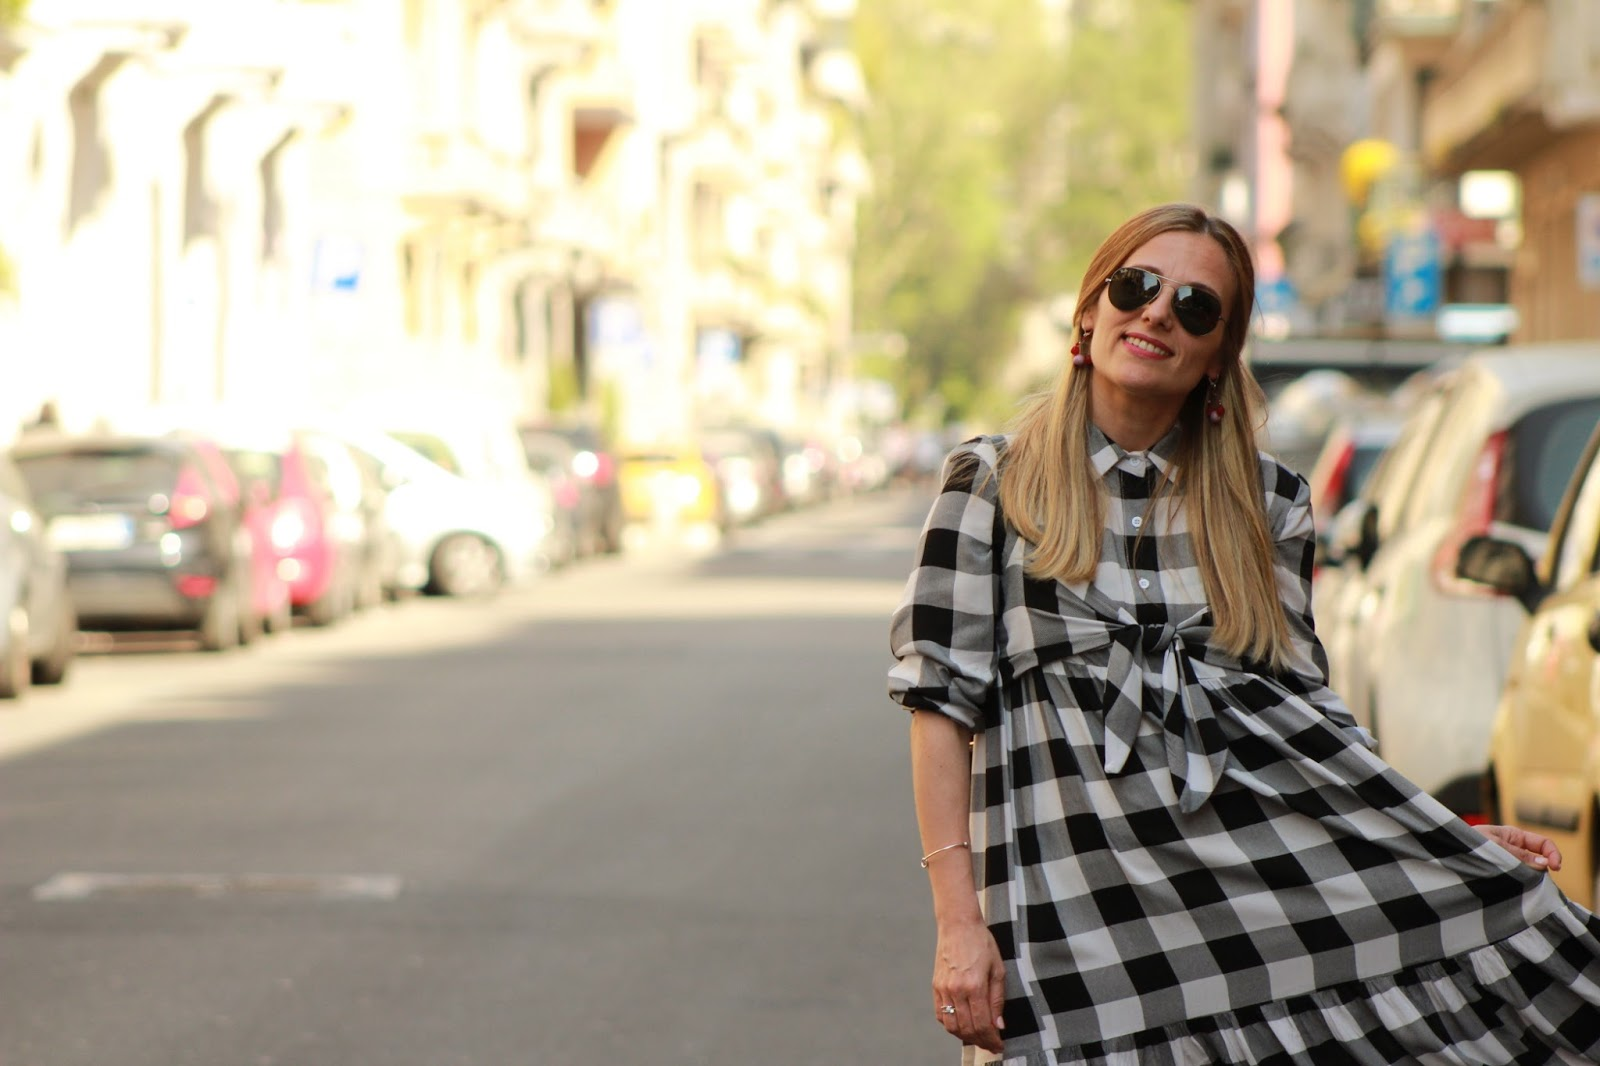 Come indossare un check dress - Eniwhere Fashion